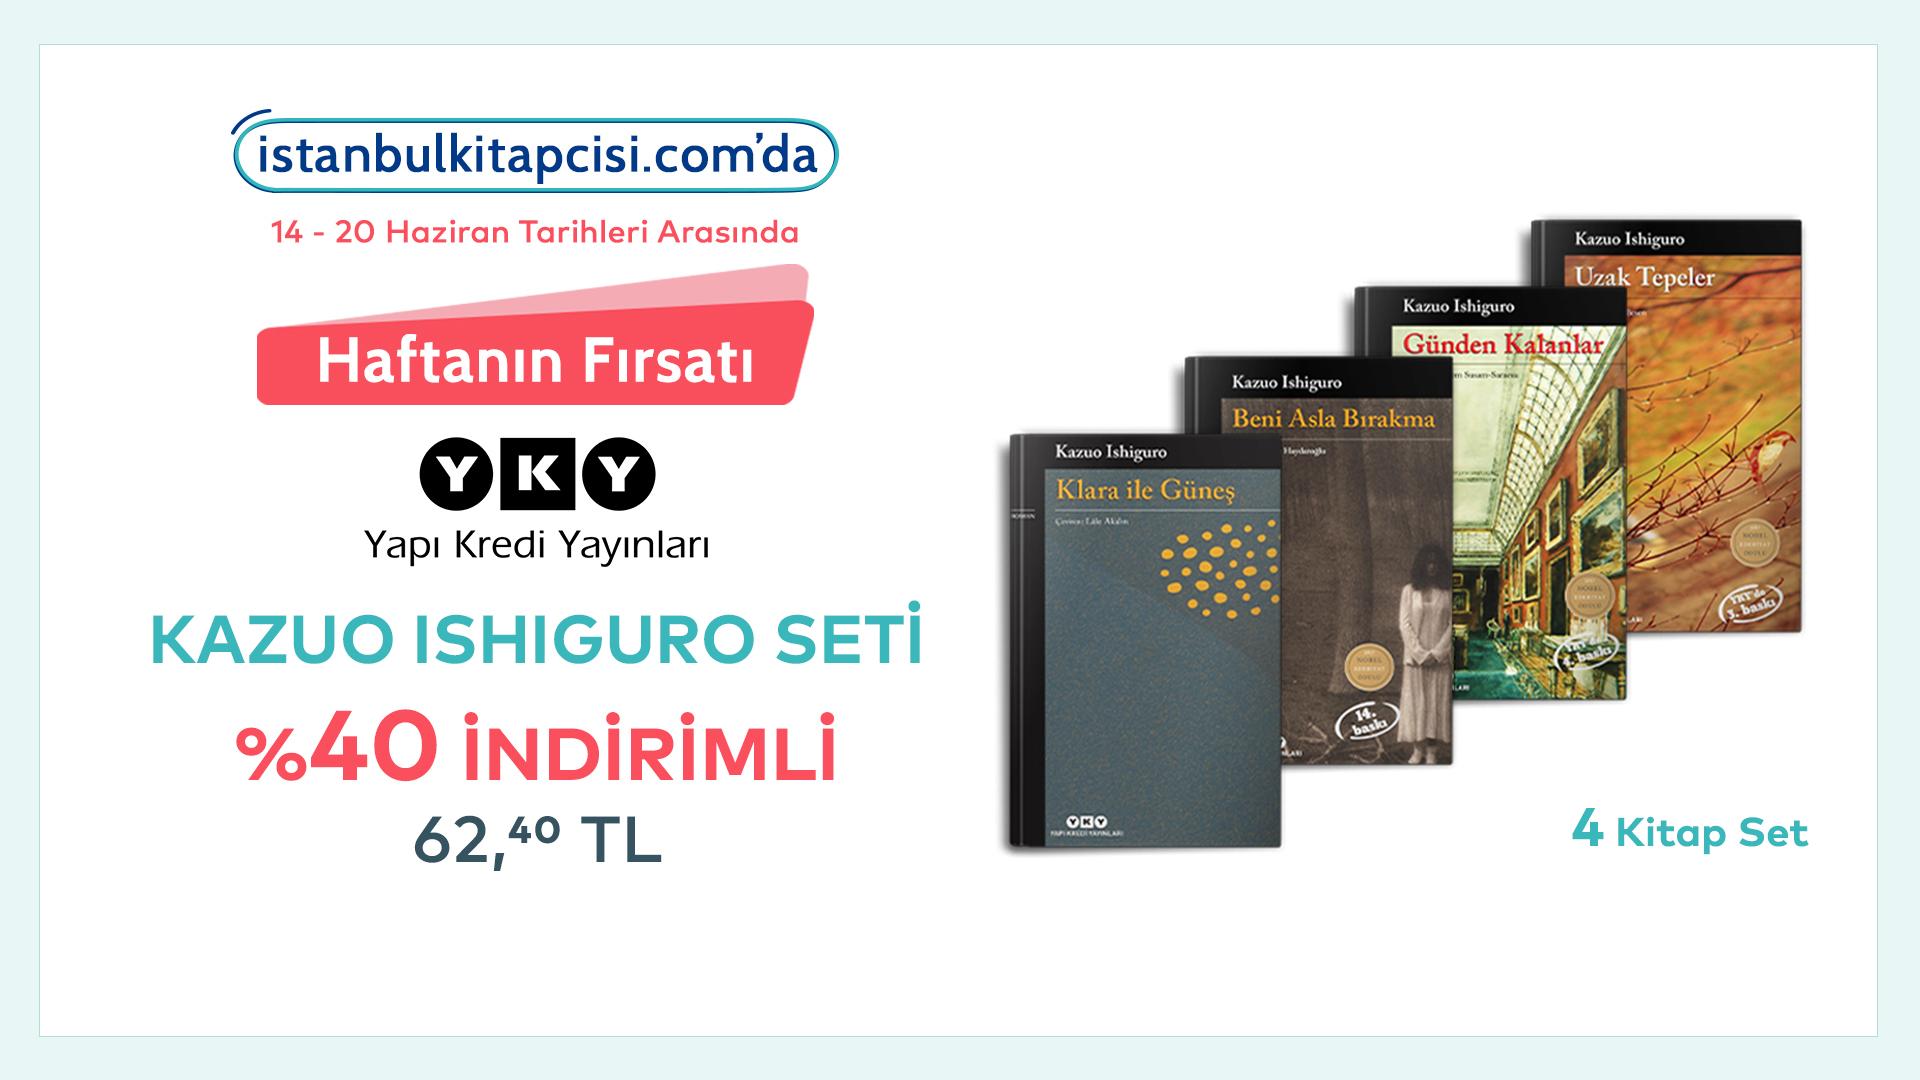 Kazuo Ishiguro Seti, www.istanbulkitapcisi.com'da indirimde!